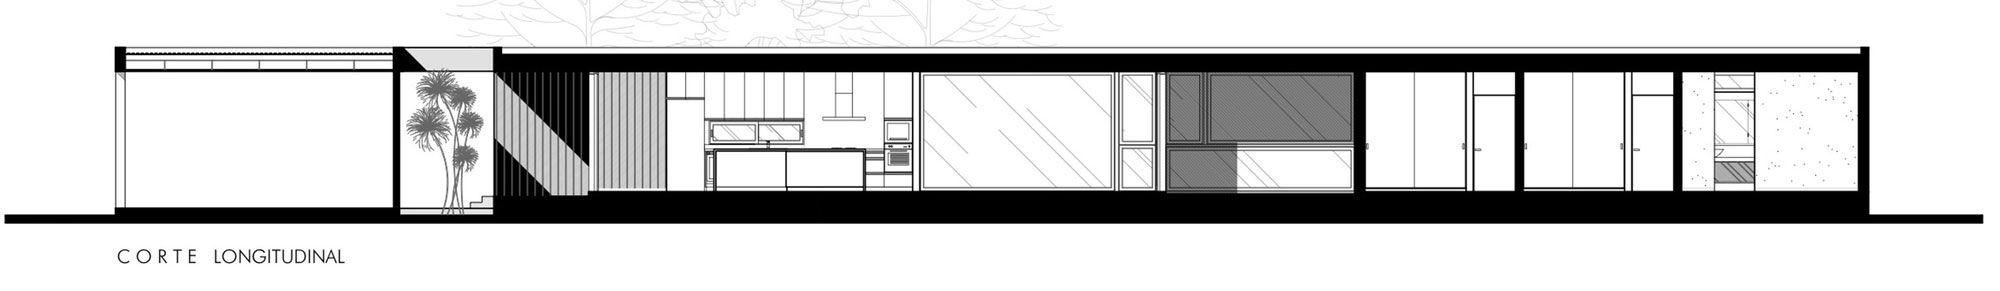 Linear-House-22